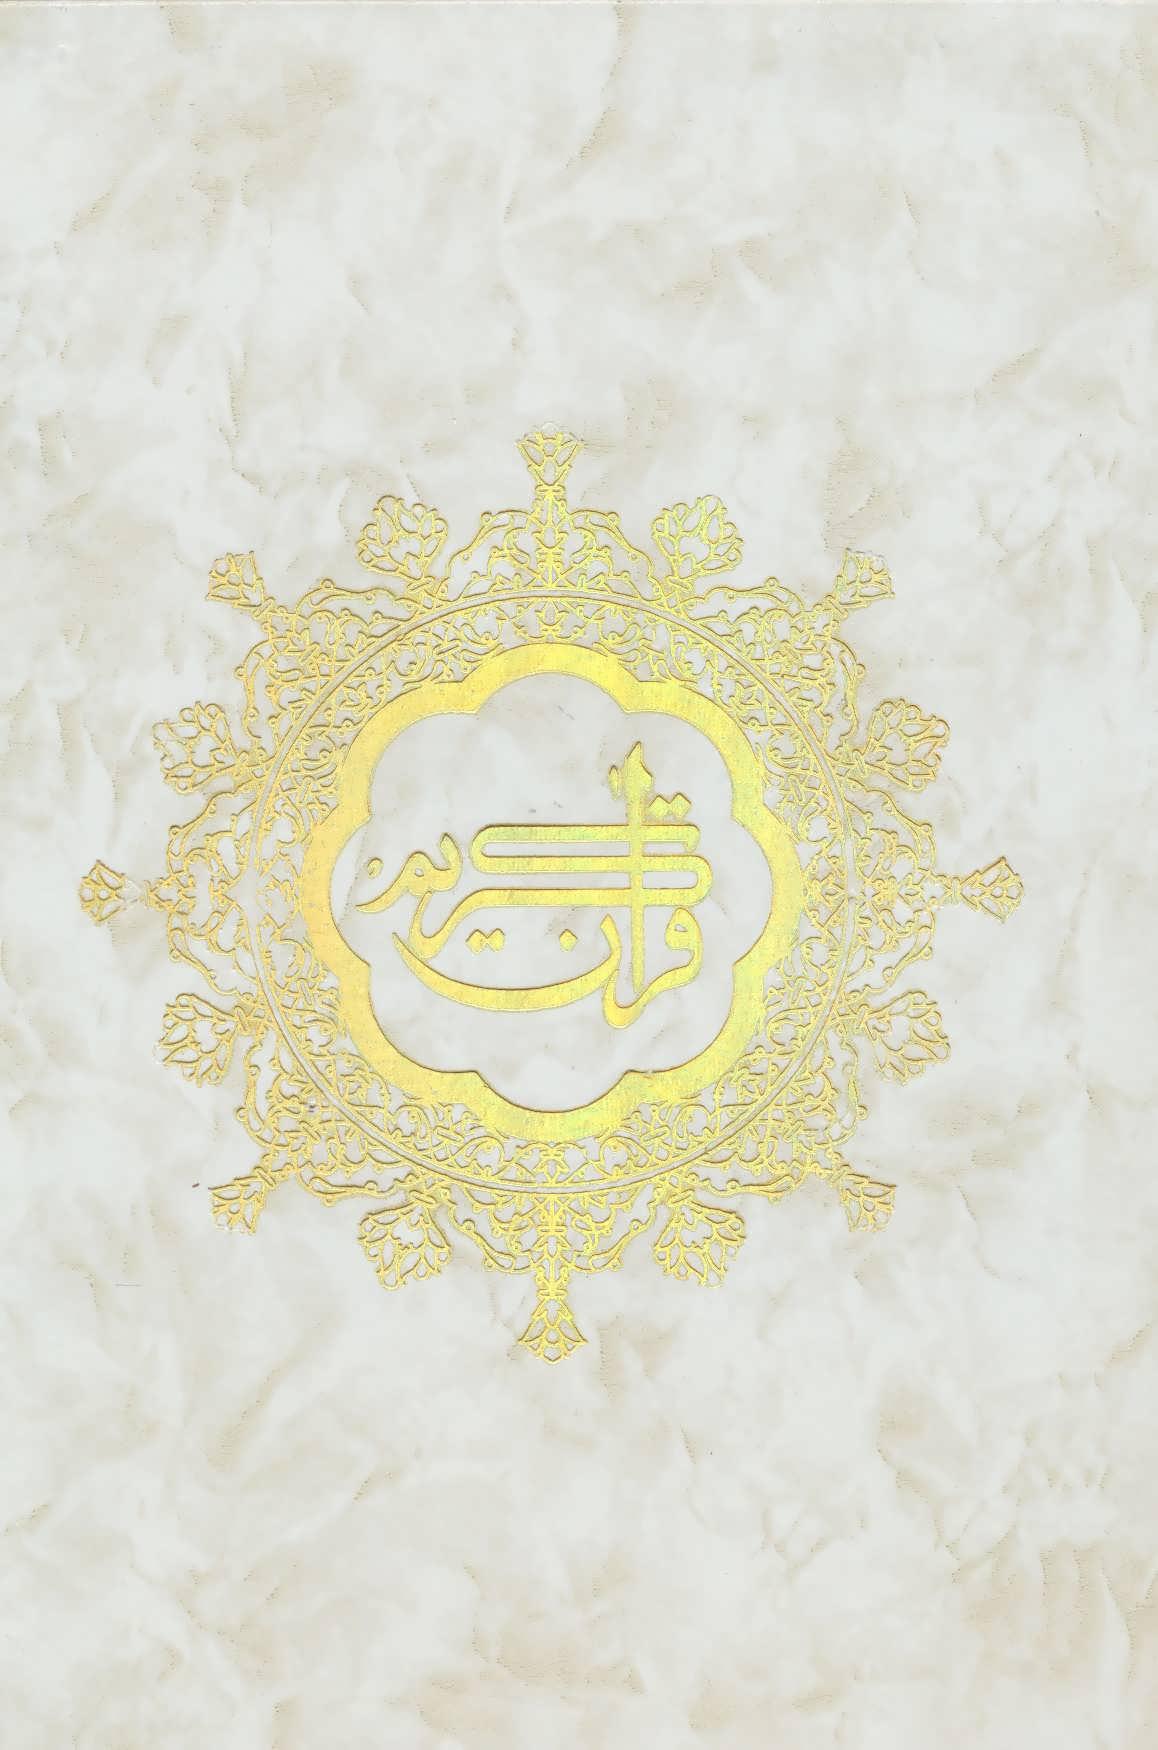 قرآن کریم 3